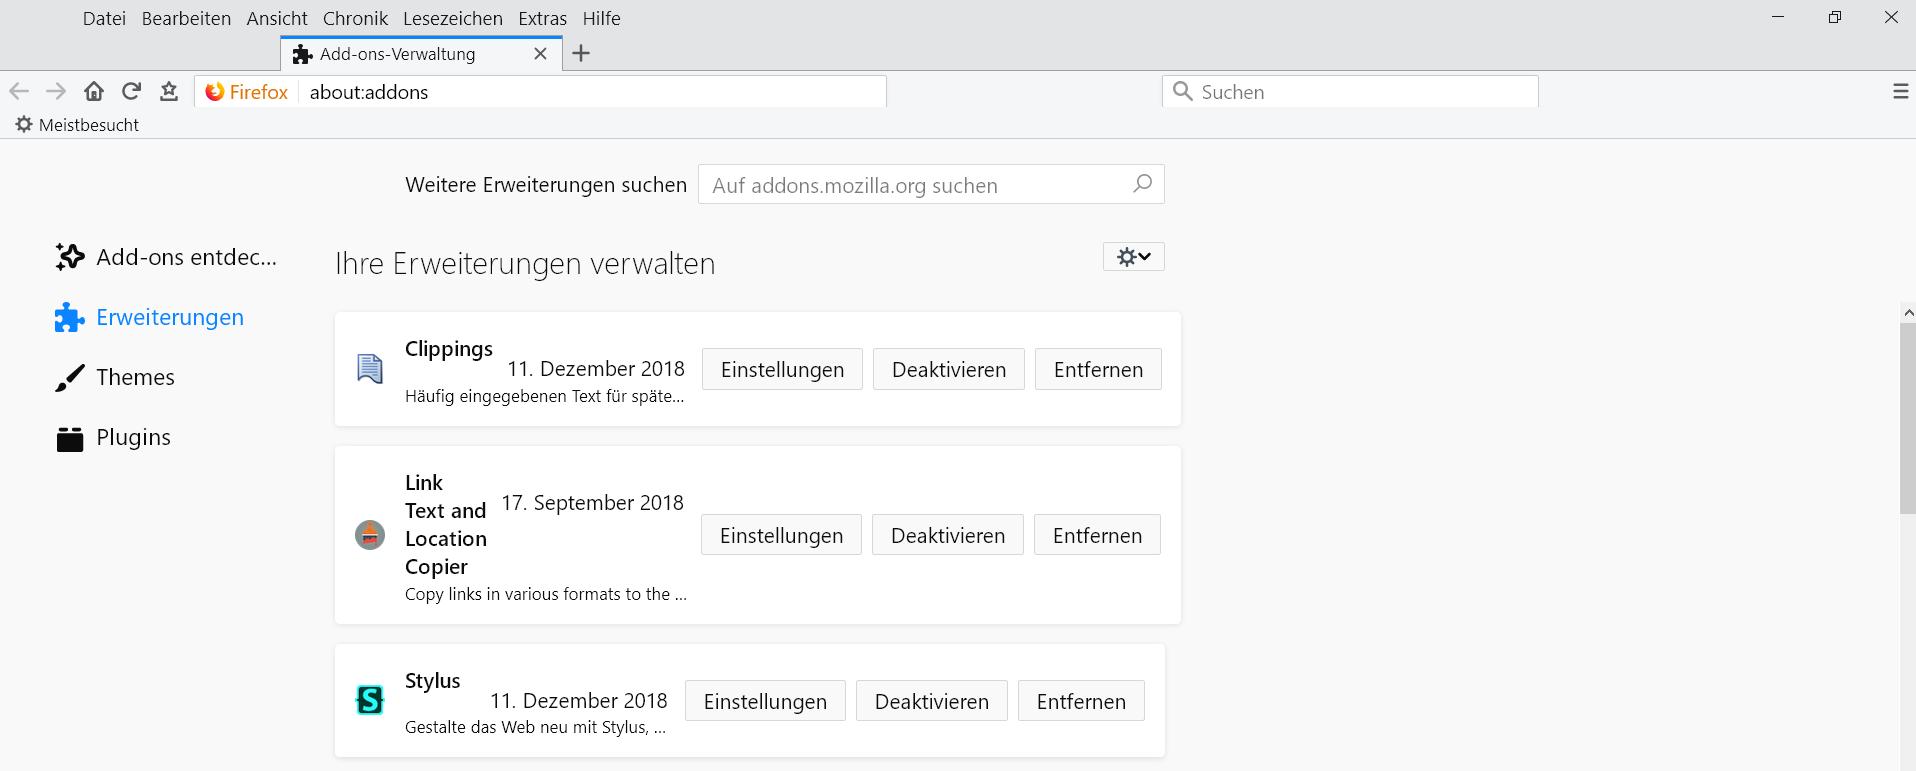 standard breite - about:addons Erweiterungseinträge verbreitern im Firefox 64